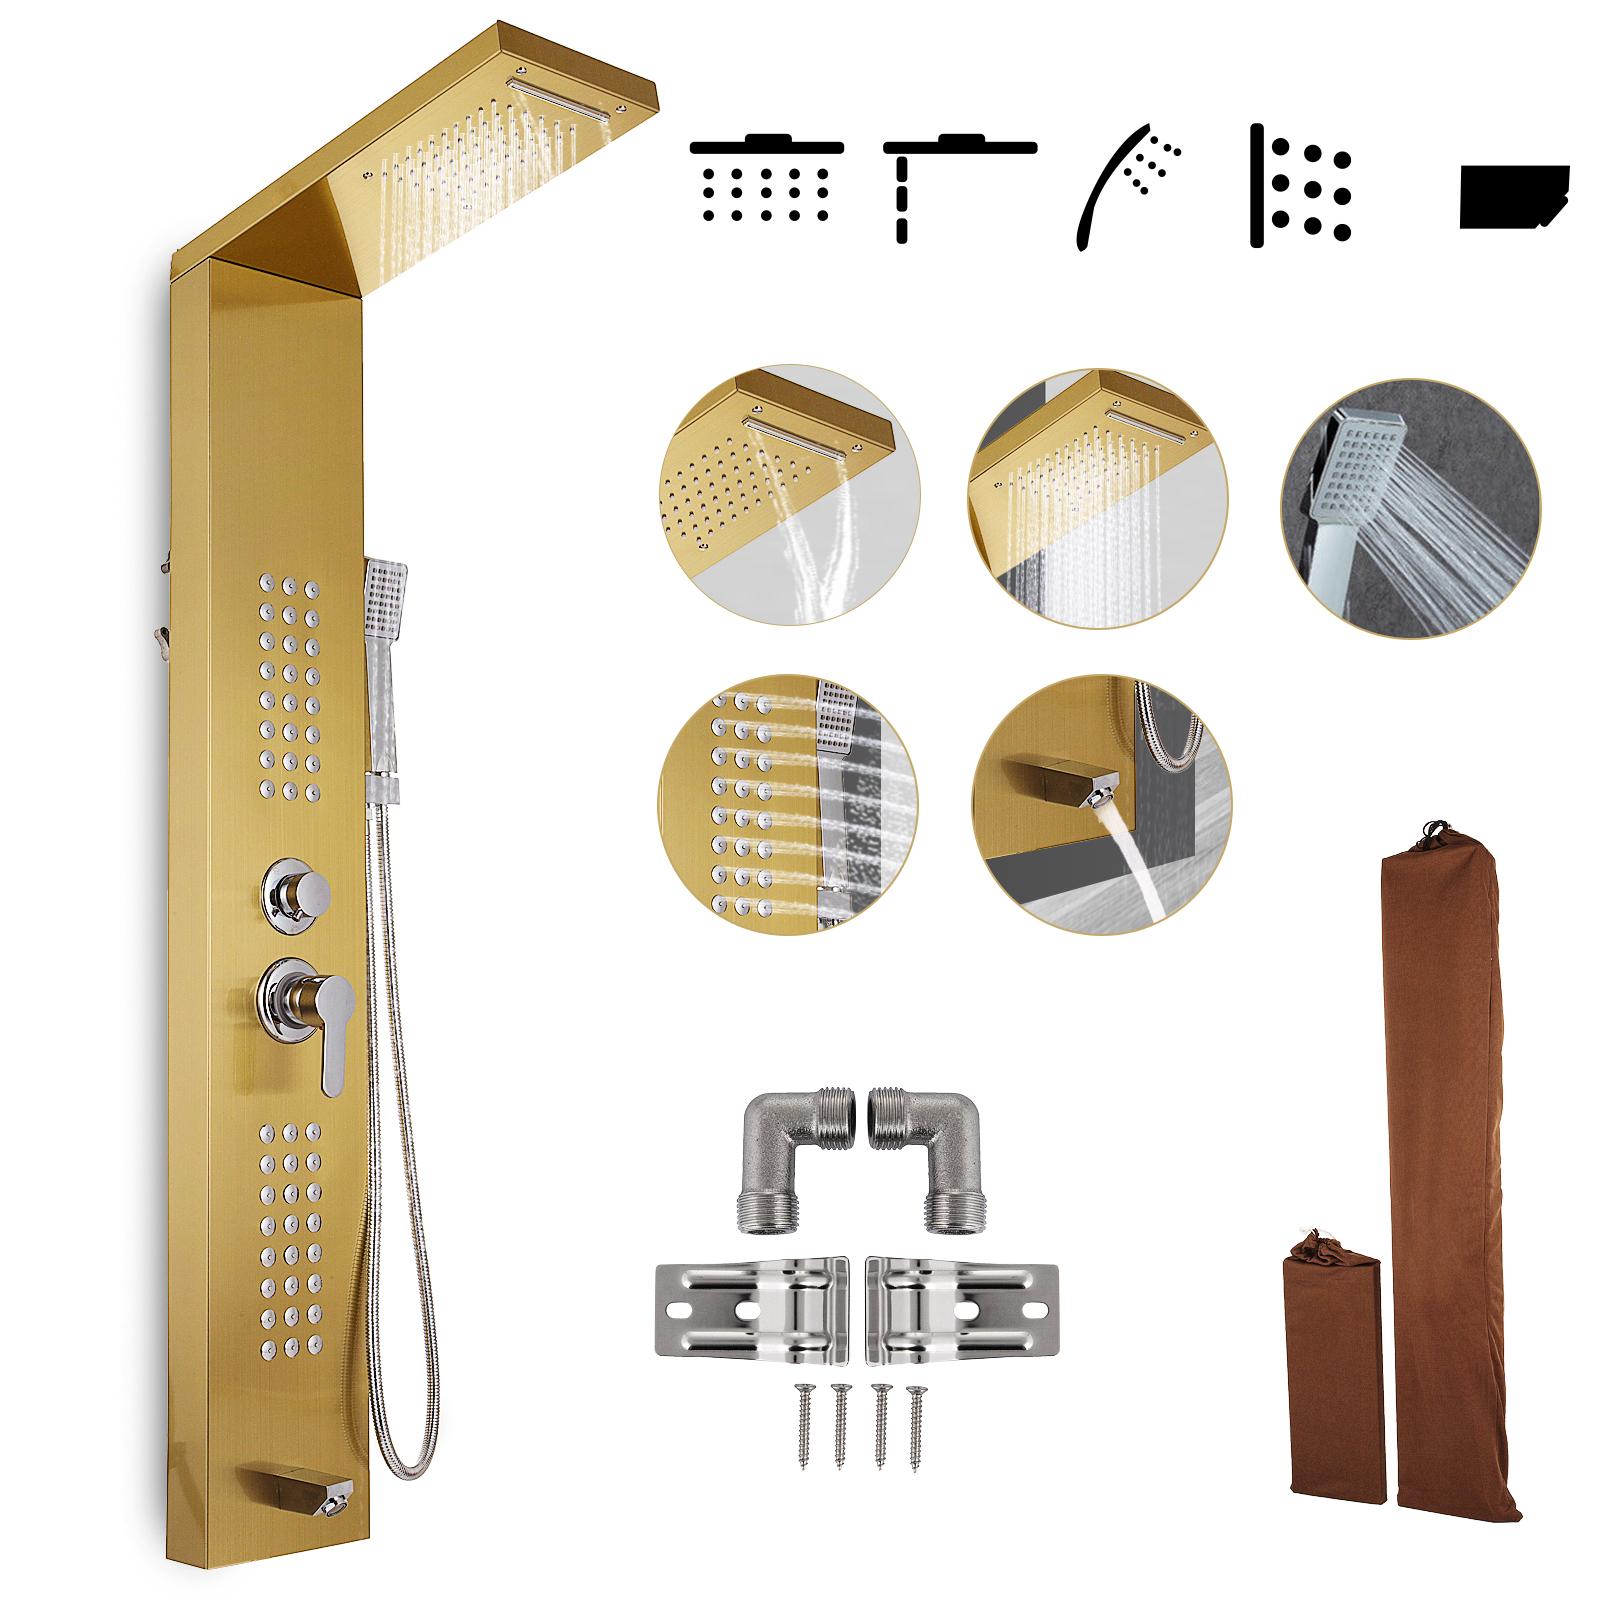 Pannello-doccia-idromassaggio-colonna-in-acciaio-inossidabile-con-miscelatore miniatura 85